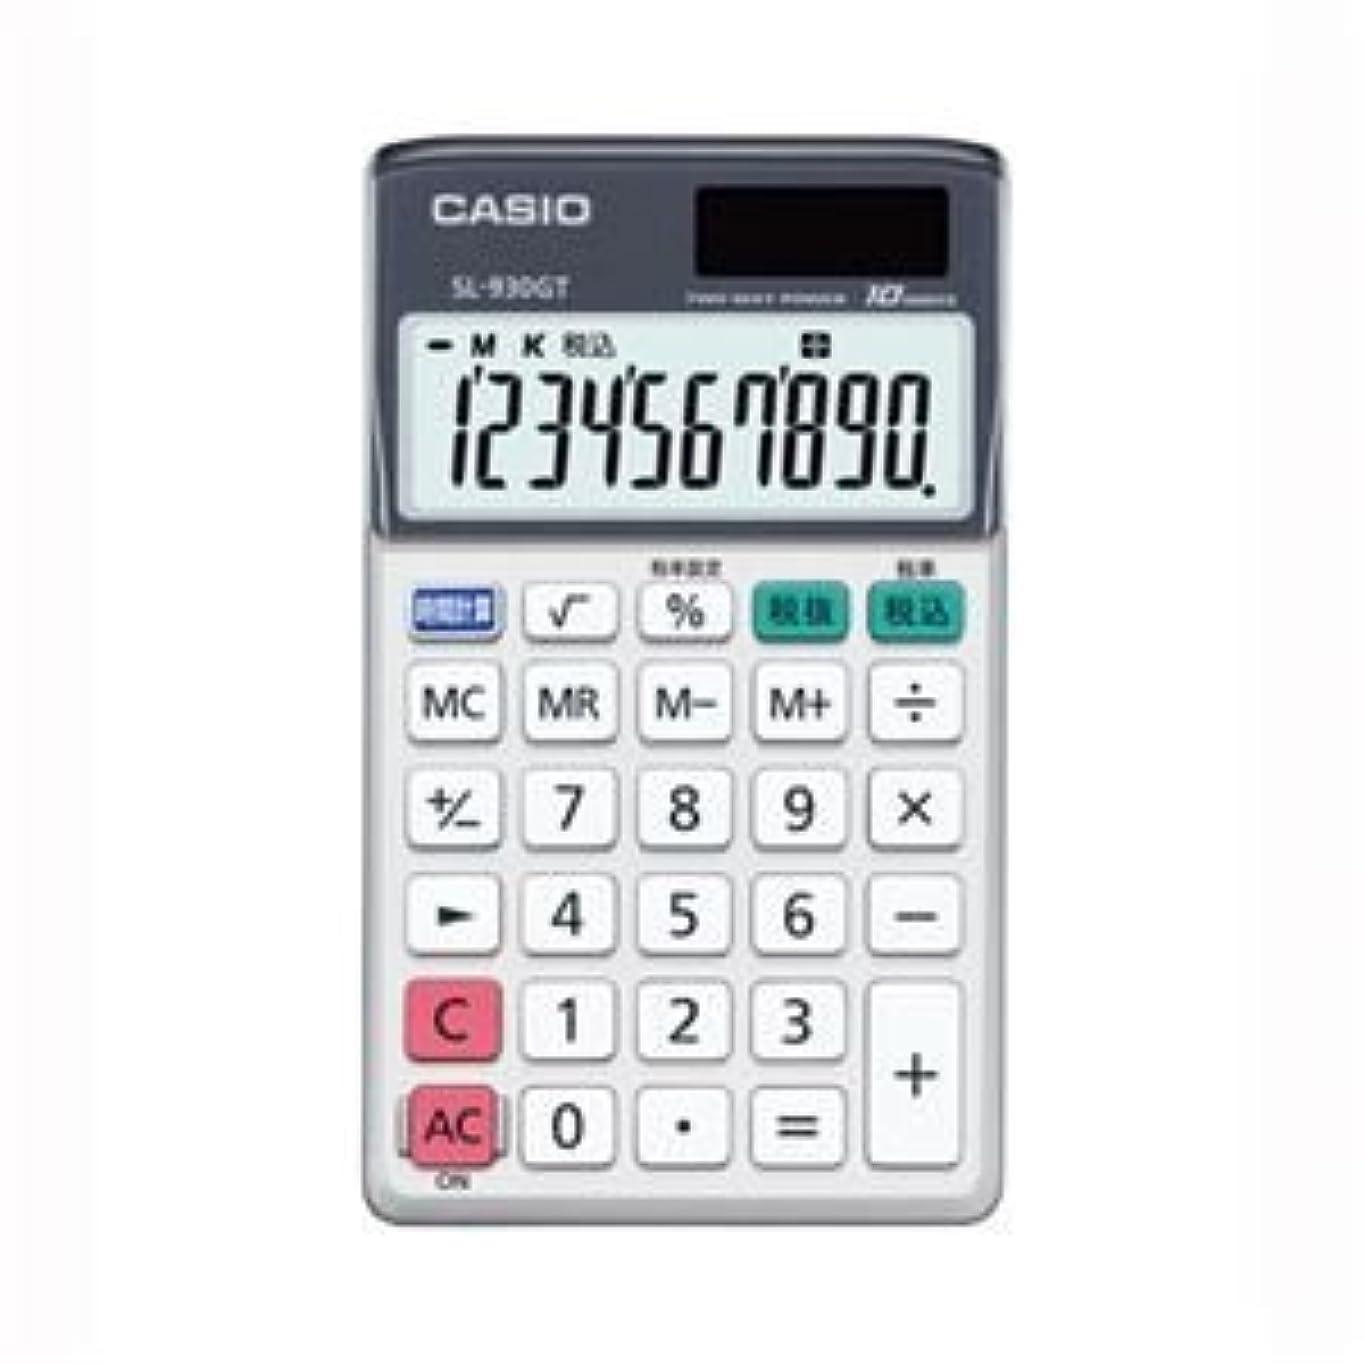 環境に優しい冷蔵庫ゴルフ(業務用セット) カシオ 電卓 SL-930GT-N 1台入 【×2セット】